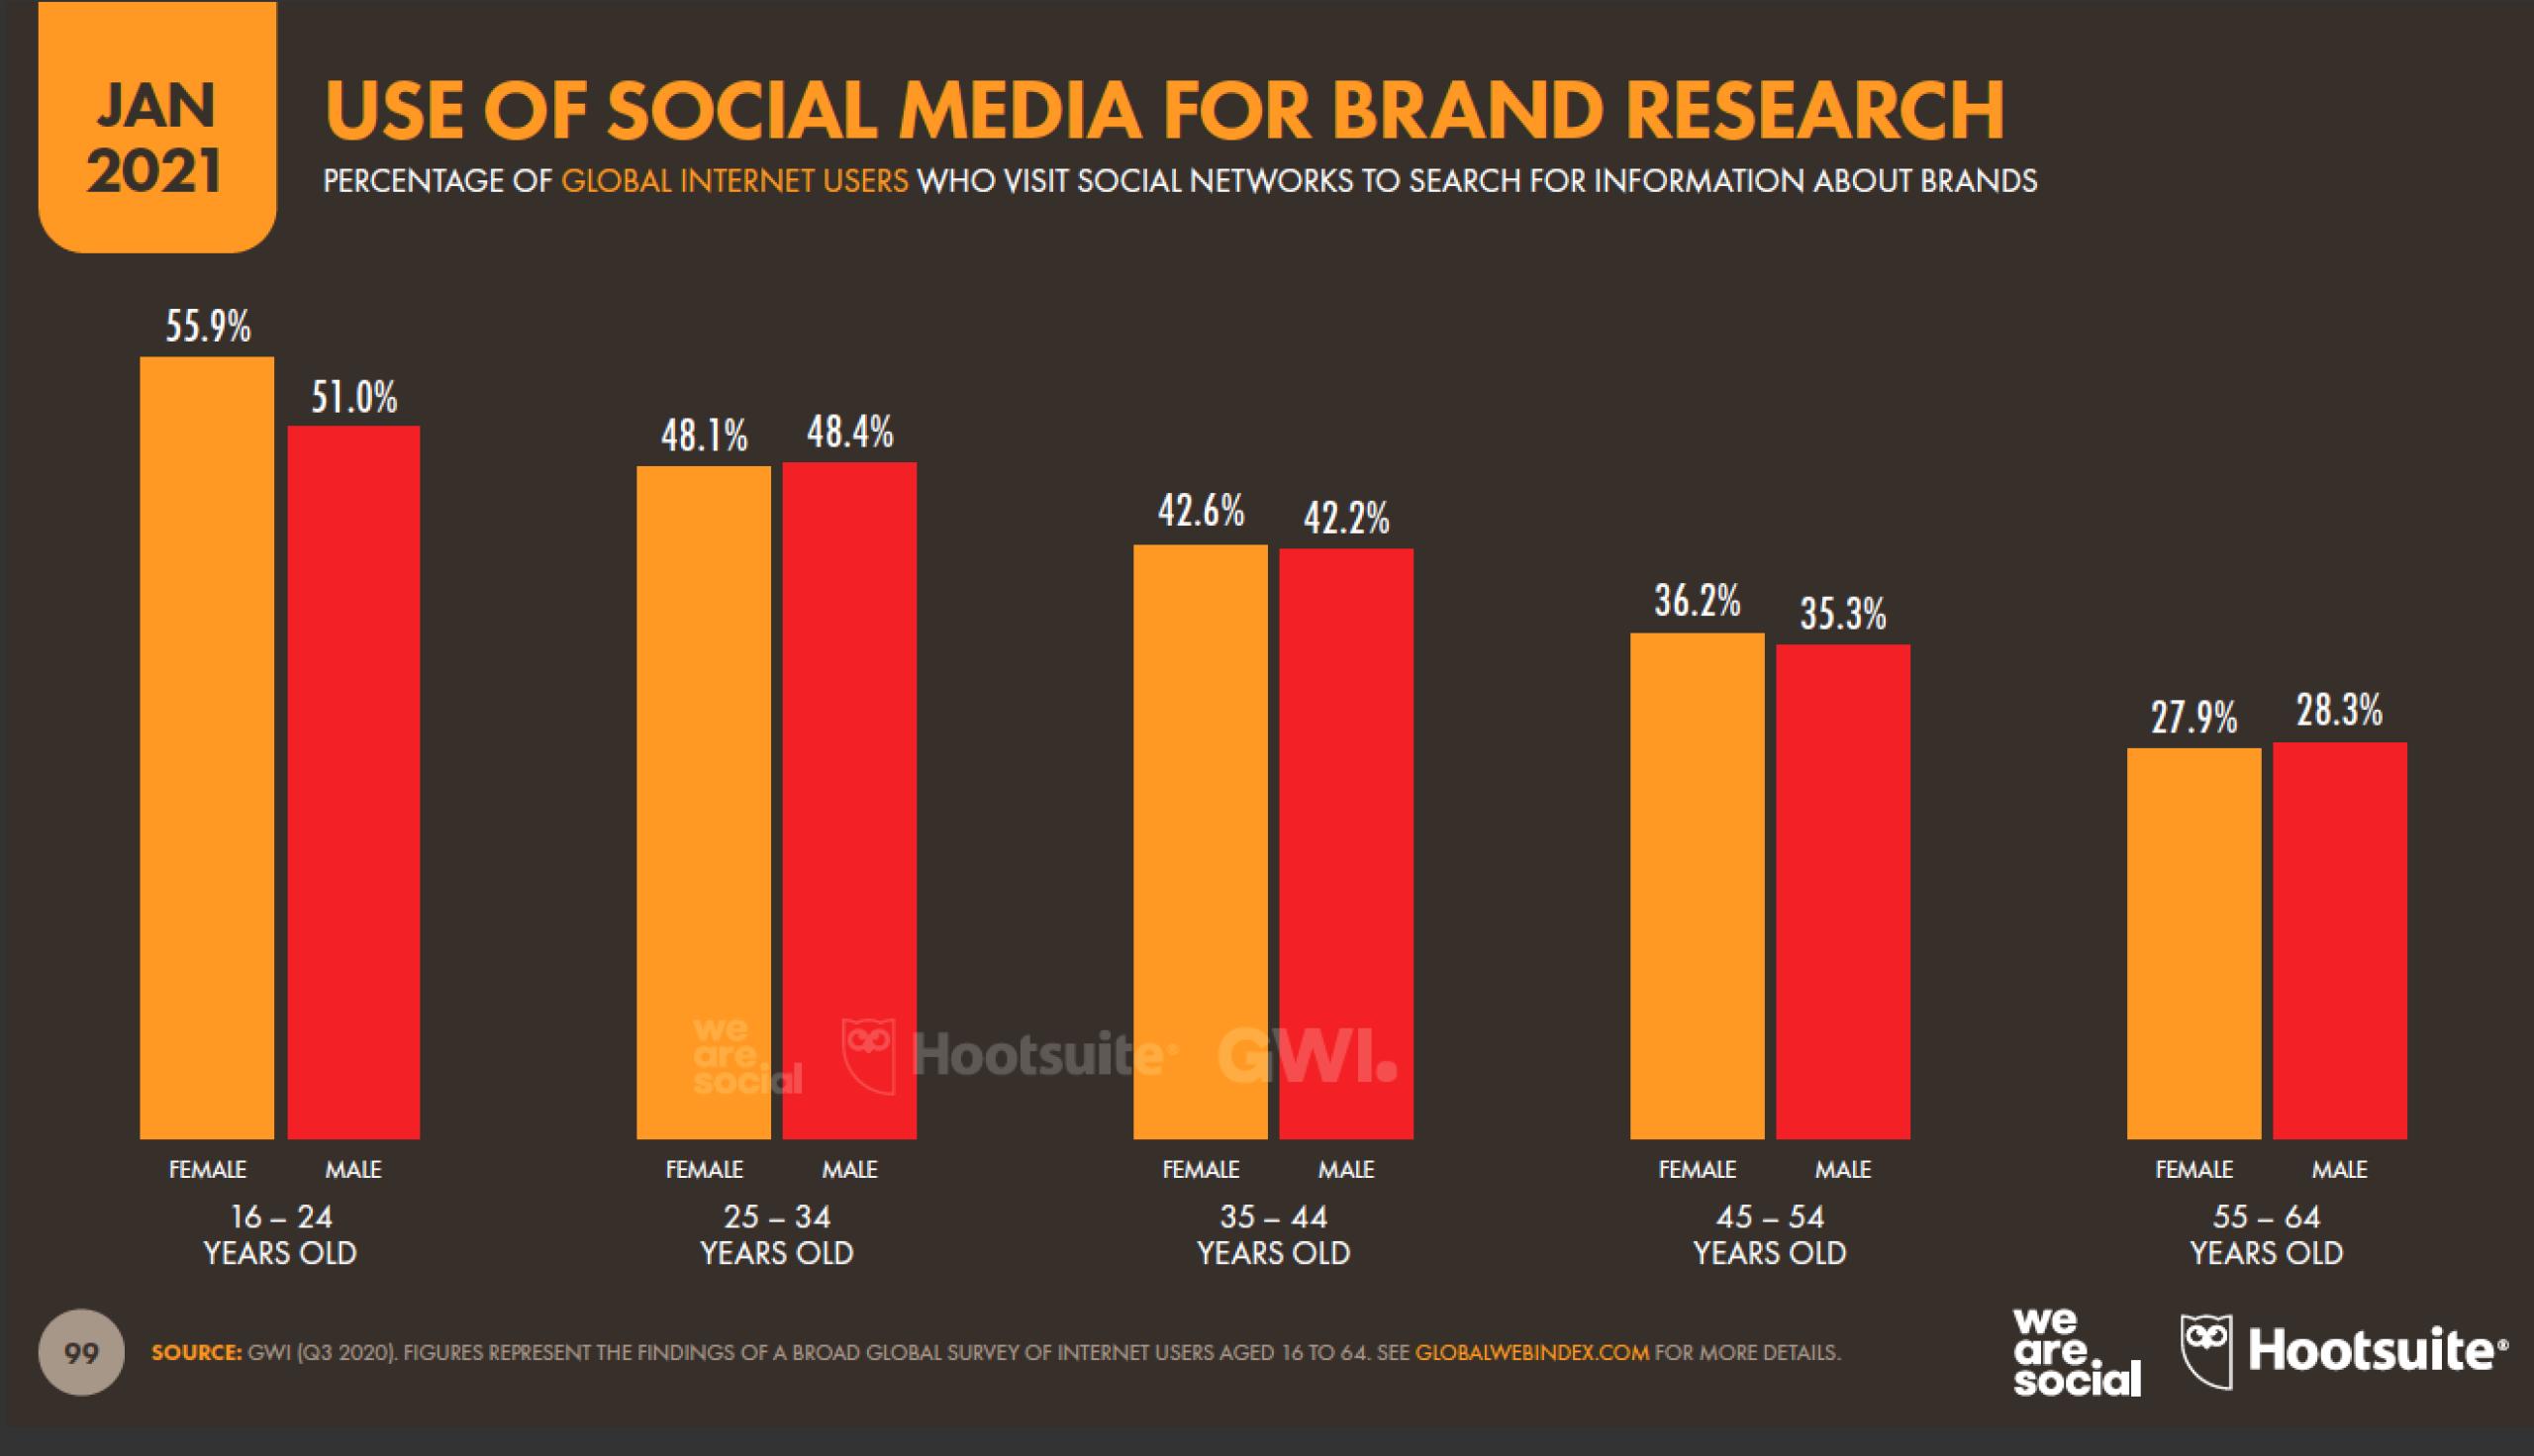 Использование социальных сетей для исследования брендов